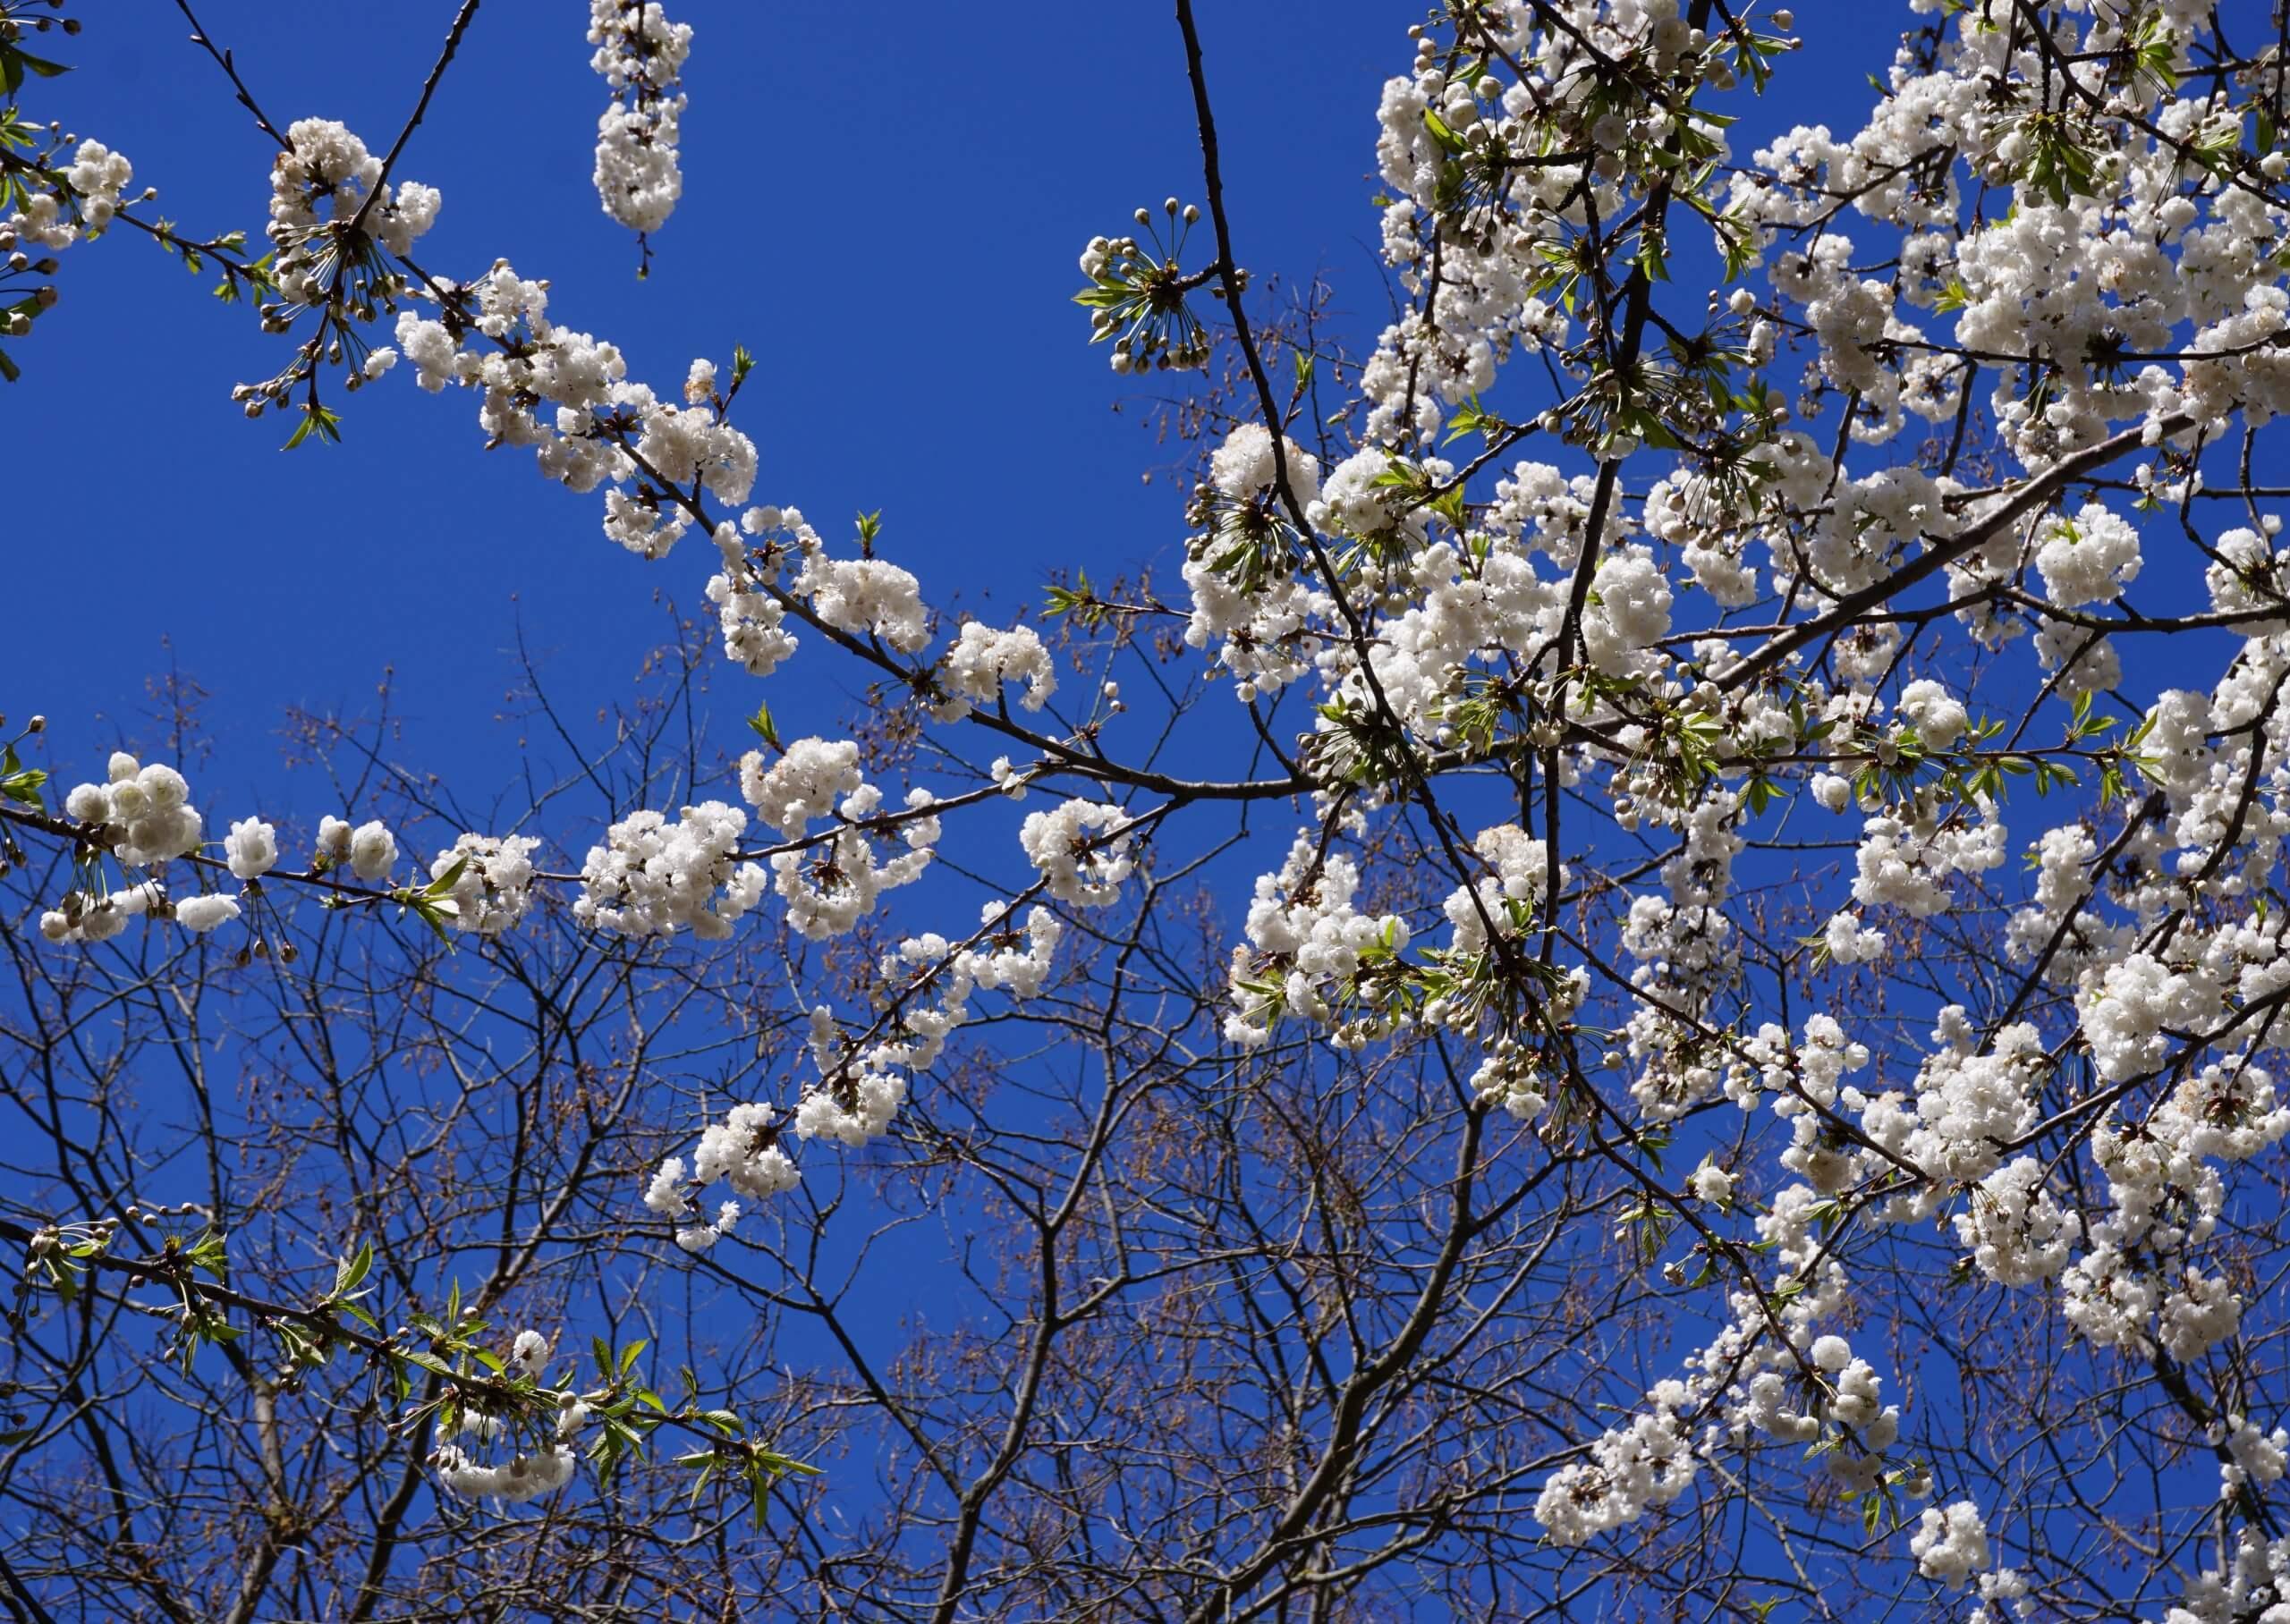 Das Bild zeigt die besonders im Kontrast zu einem blauen Himmel sehr attraktiv zur Geltung kommenden Blüten der Grannenkirsche. Hier an einem weißblühenden Baum im Kosmosviertel, April 2021.